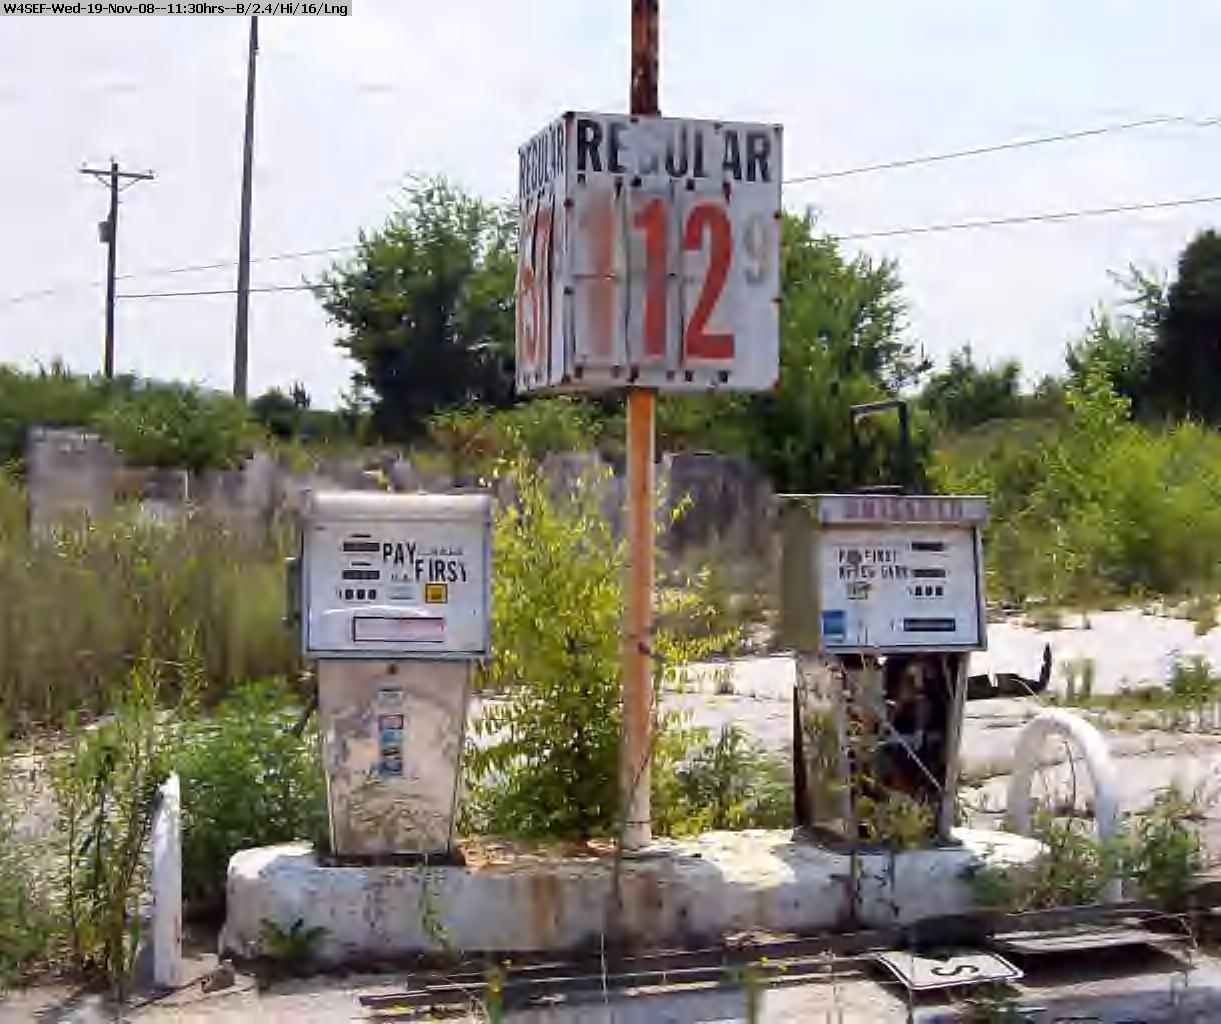 081119112806-cheap gas 1993.jpg